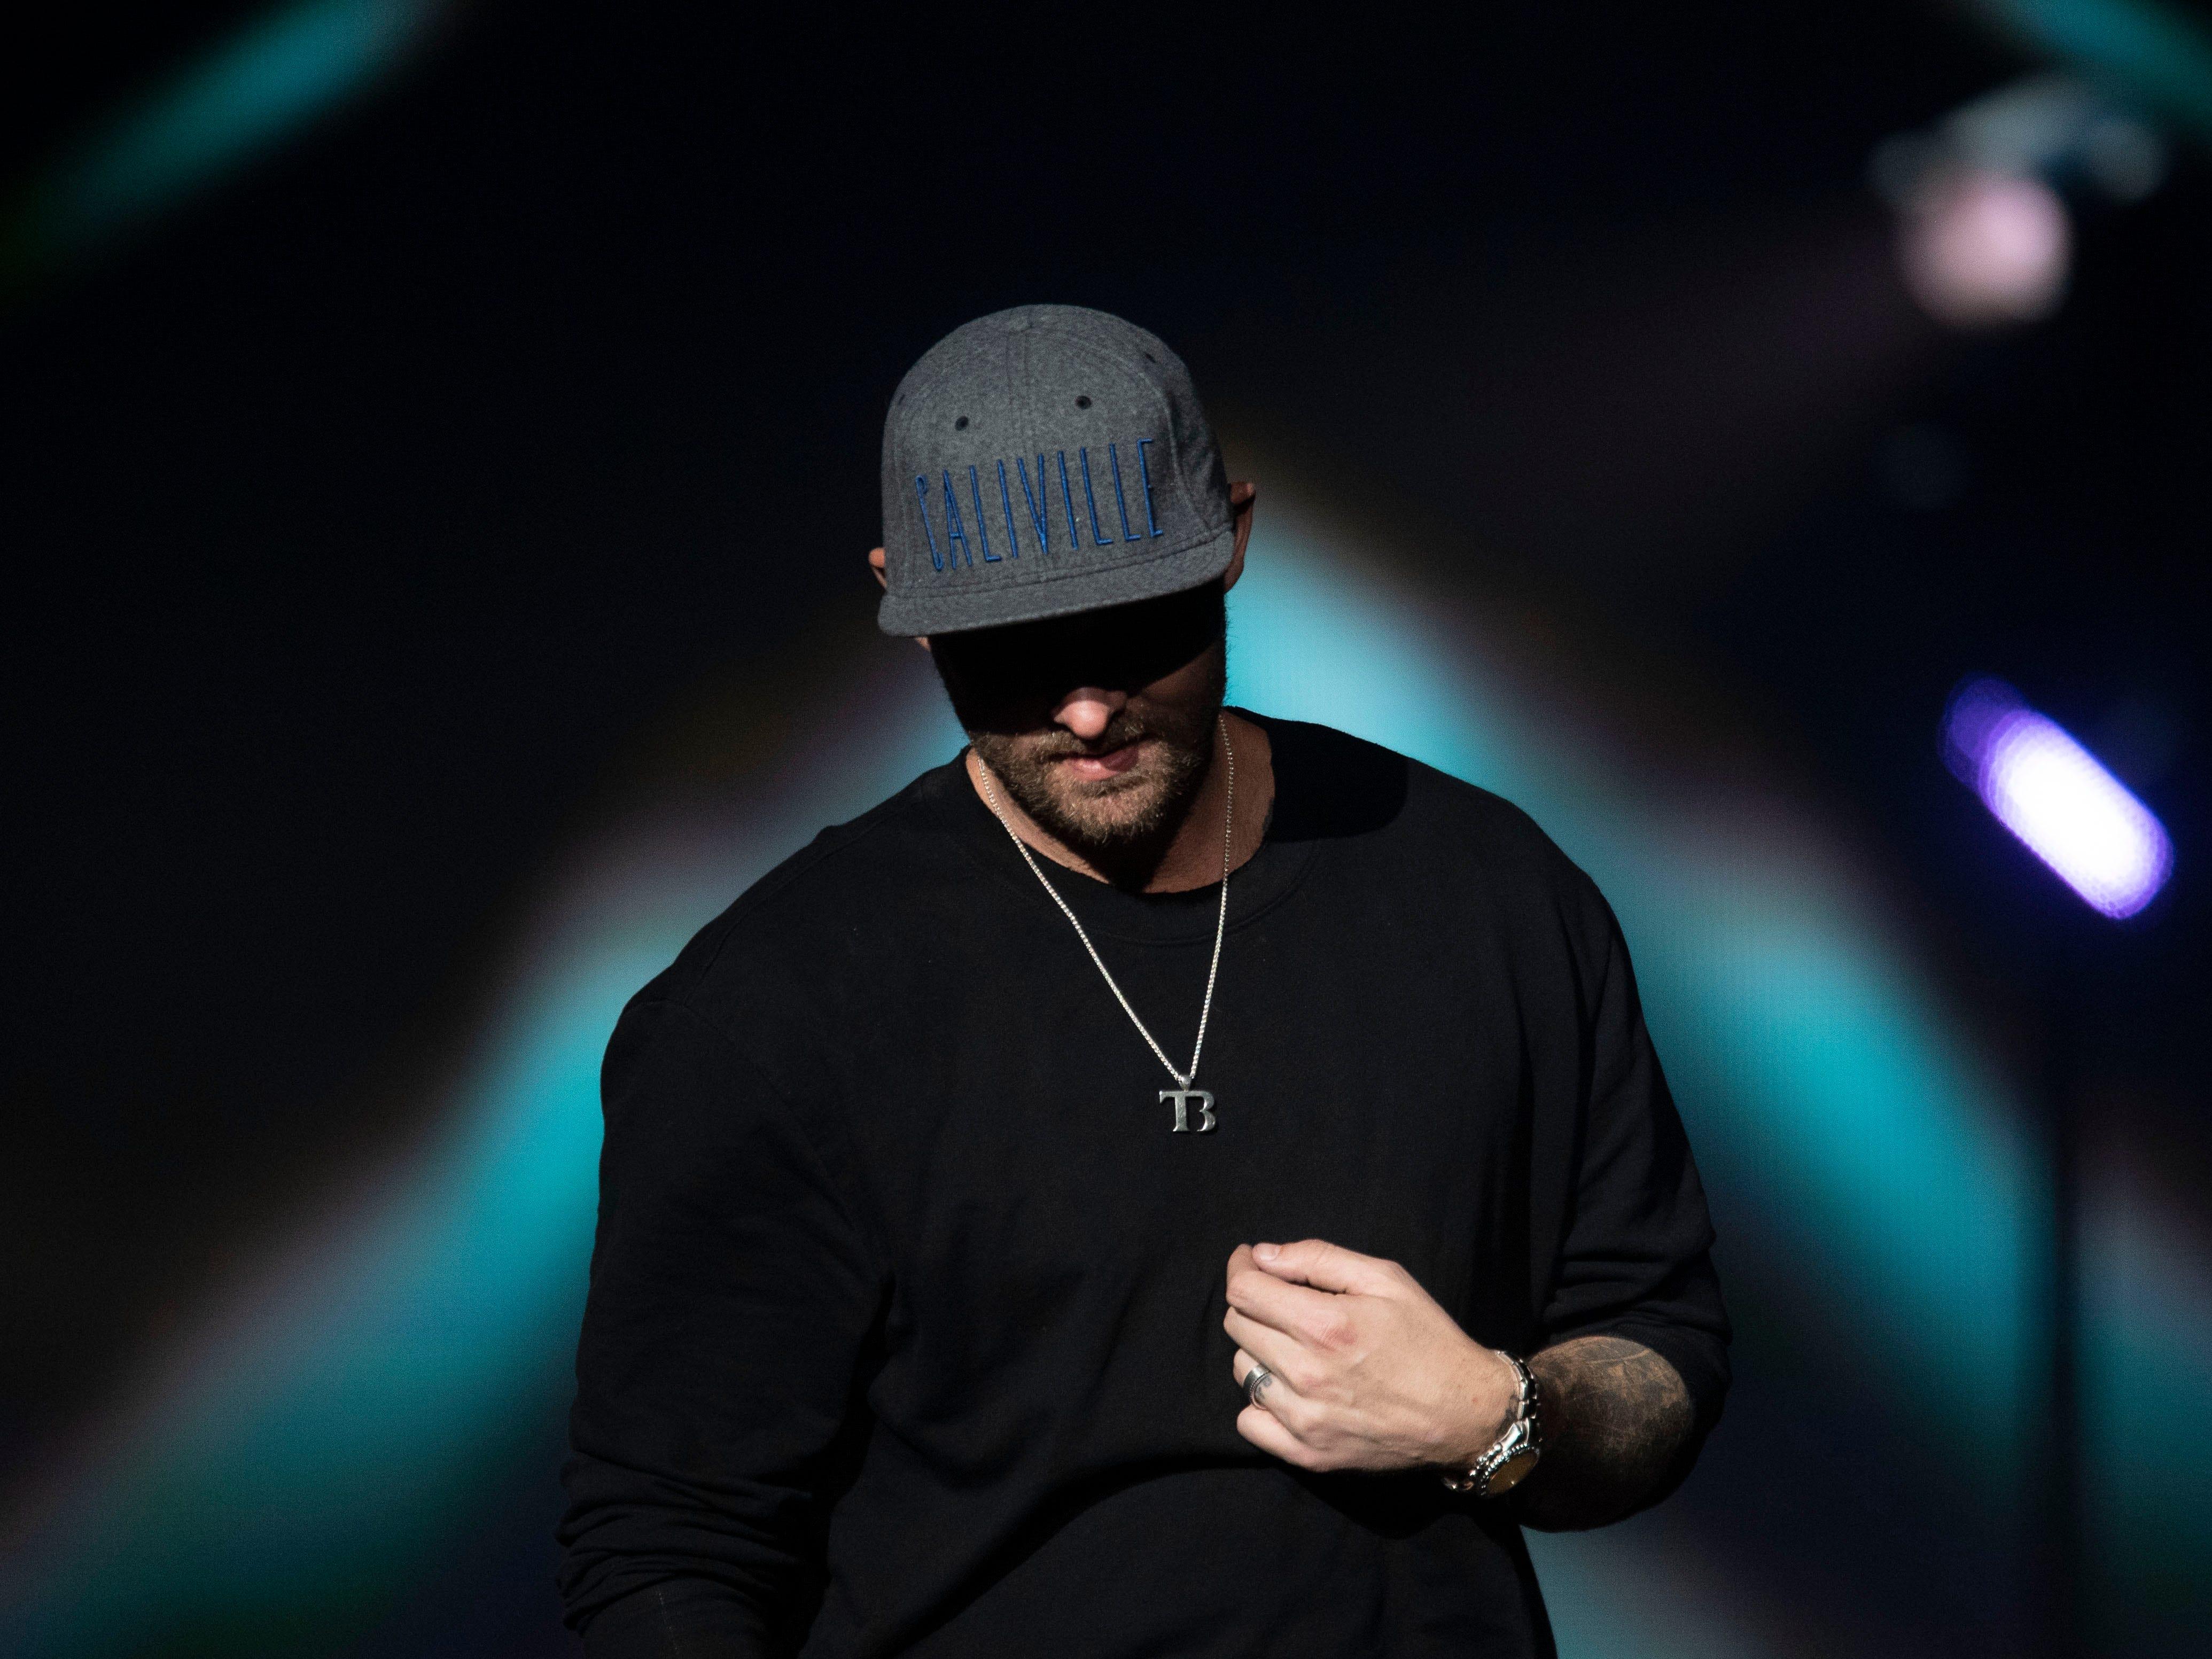 Brett Young opens for Kelsea Ballerini at the Civic Coliseum on Thursday, April 18, 2019.